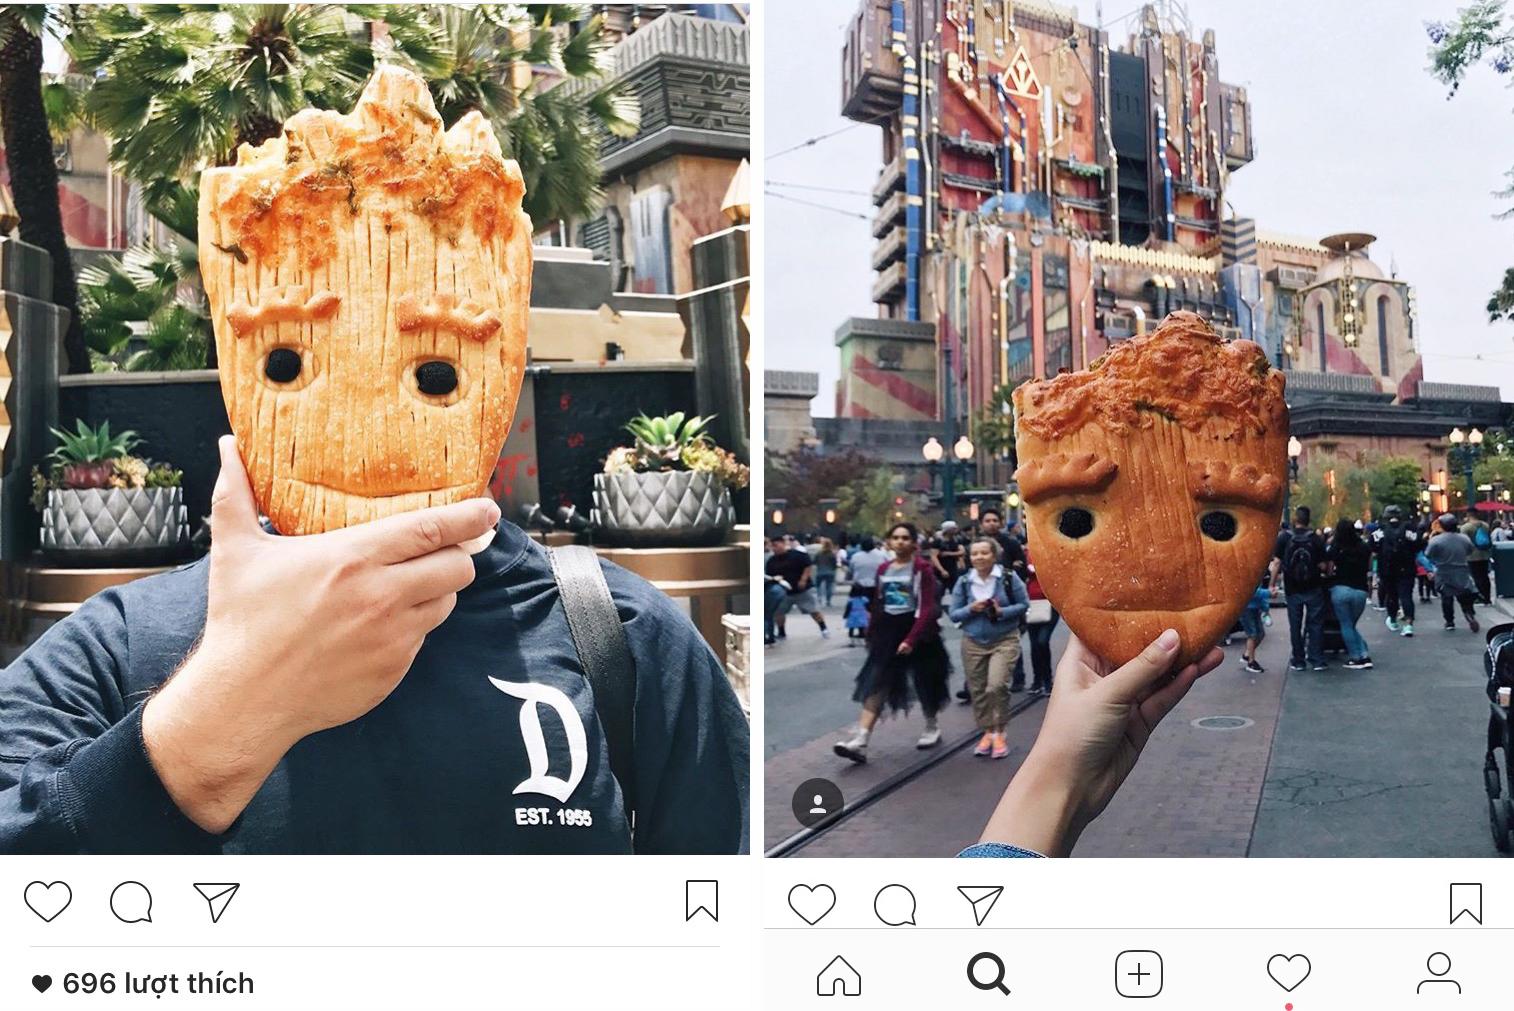 Cận cảnh chiếc bánh mì Groot đang làm mưa làm gió khắp các mạng xã hội và các fan của siêu anh hùng này - Ảnh 4.